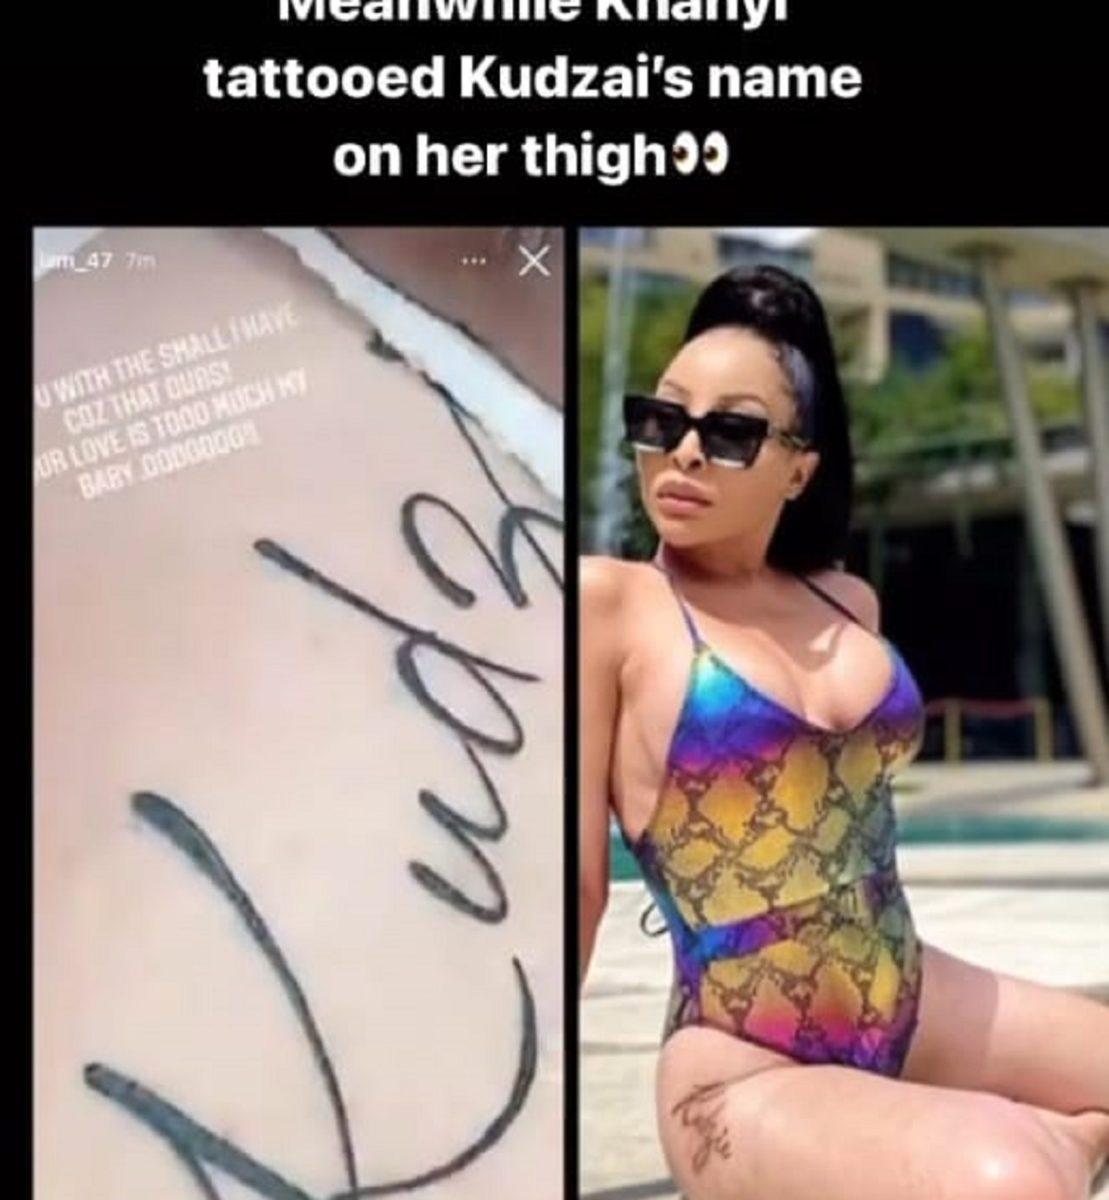 Khanyi Mbau tattoo's Kudzai name